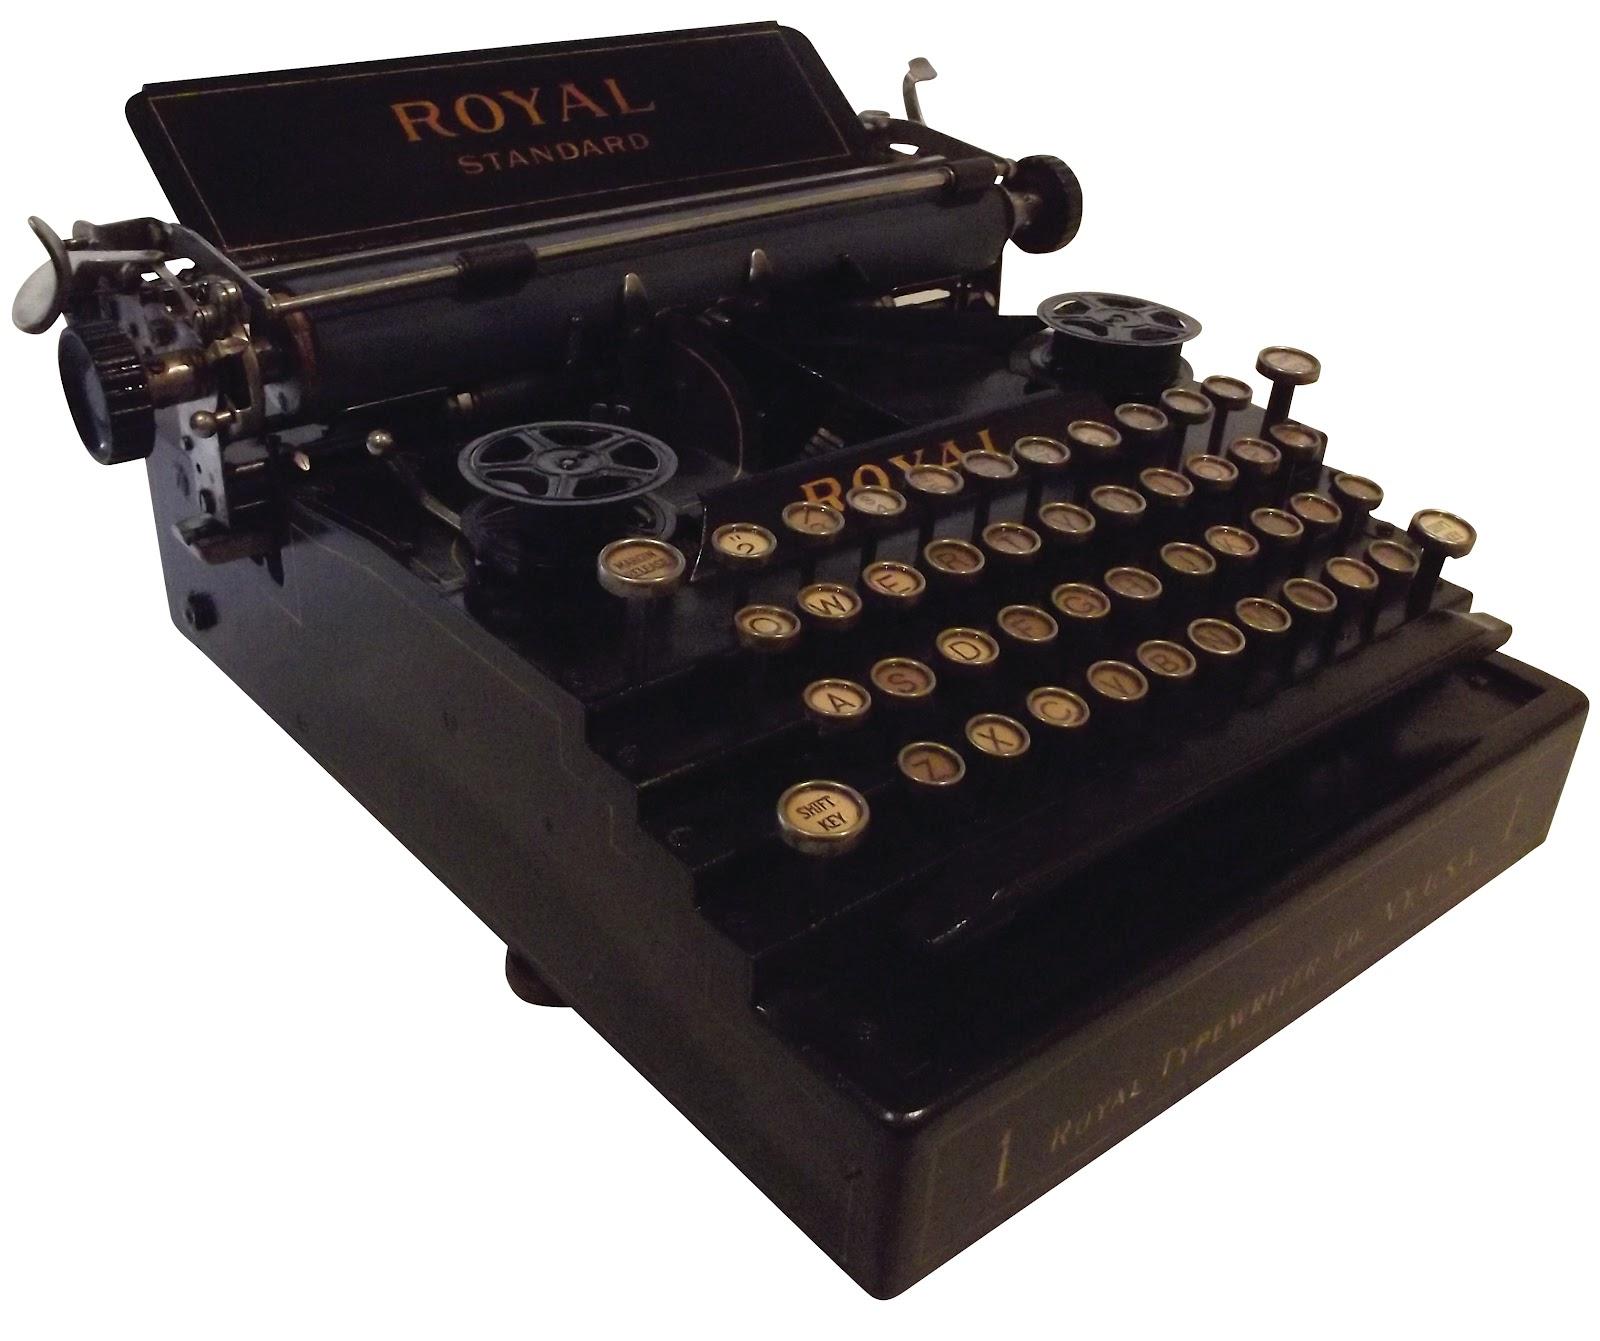 oz.Typewriter: The Sorry Saga of the Royal Standard 1 Typewriter